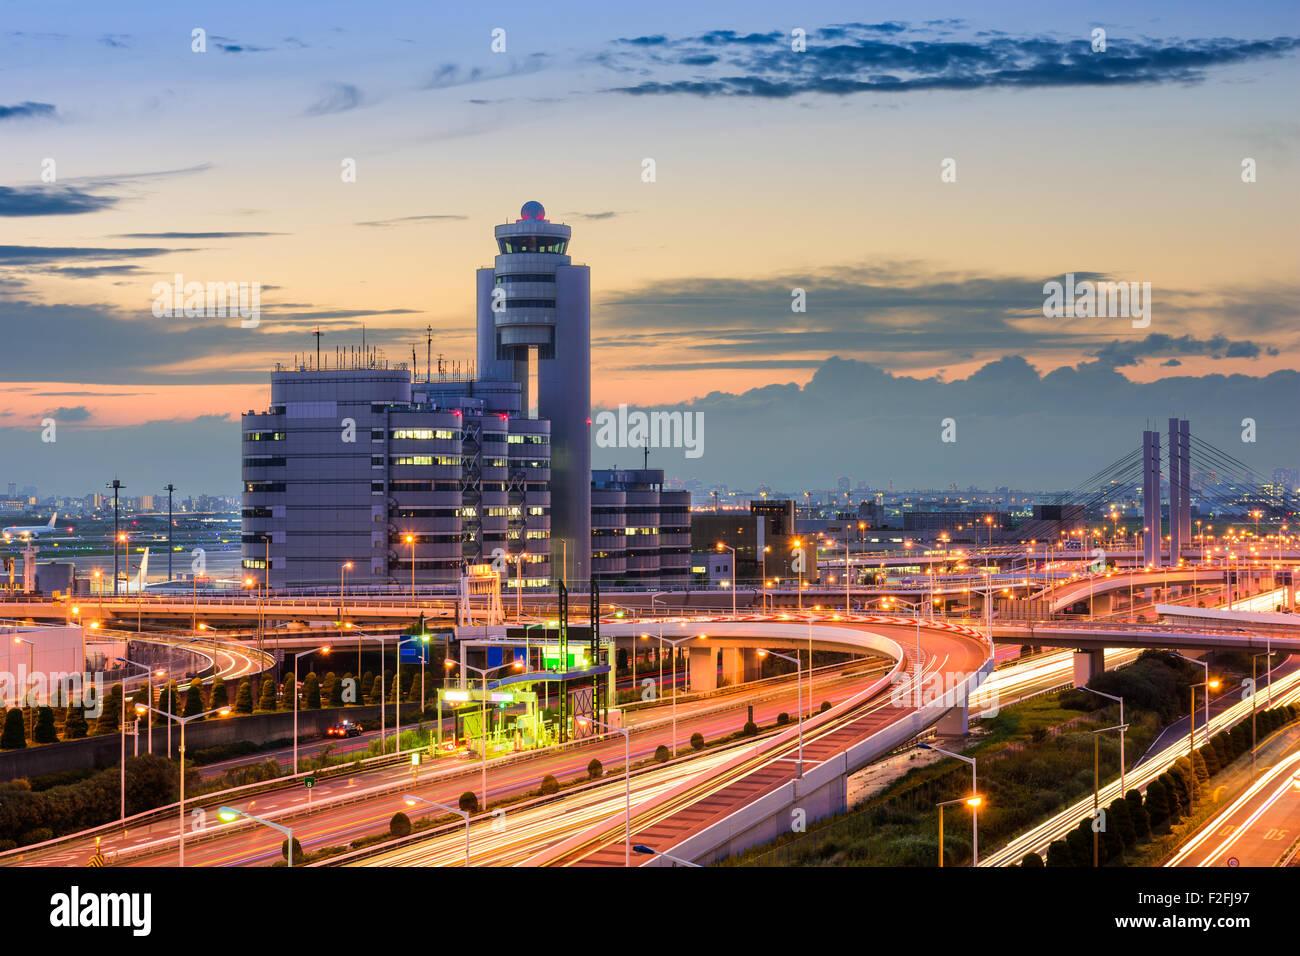 El aeropuerto de Haneda edificios y carreteras en Tokio, Japón. Imagen De Stock